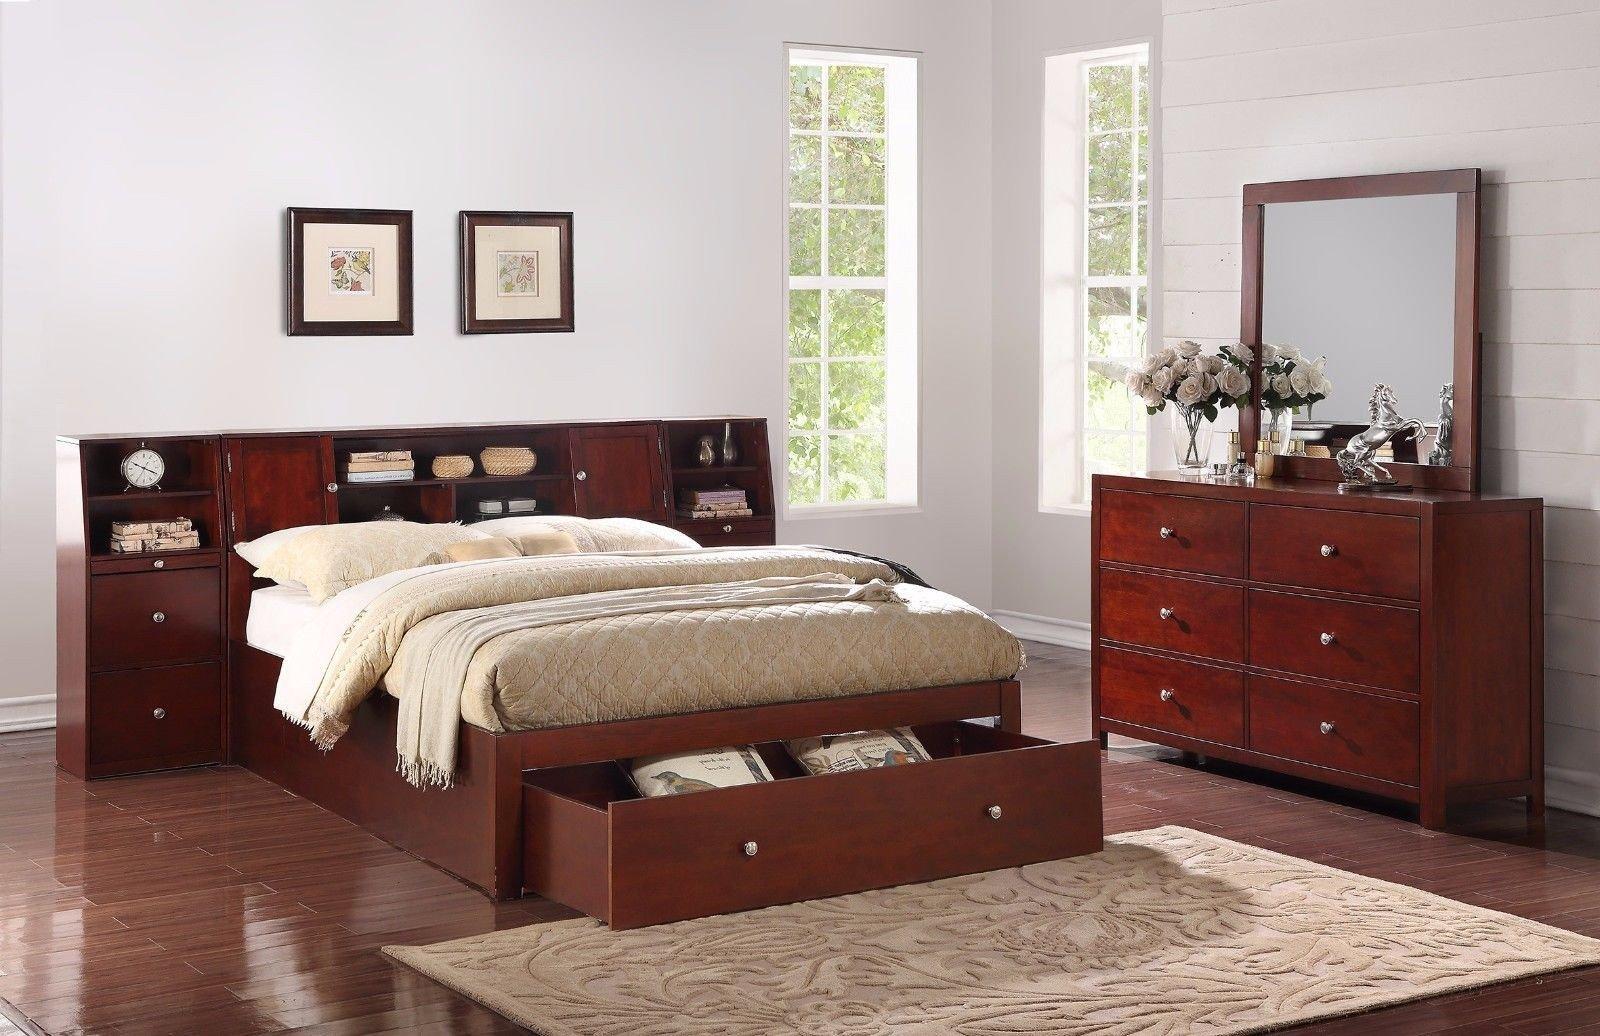 Mirrored Queen Bedroom Set New Bedroom 4pc Set Queen Bed W Storage Drawer Shelf Nightstand